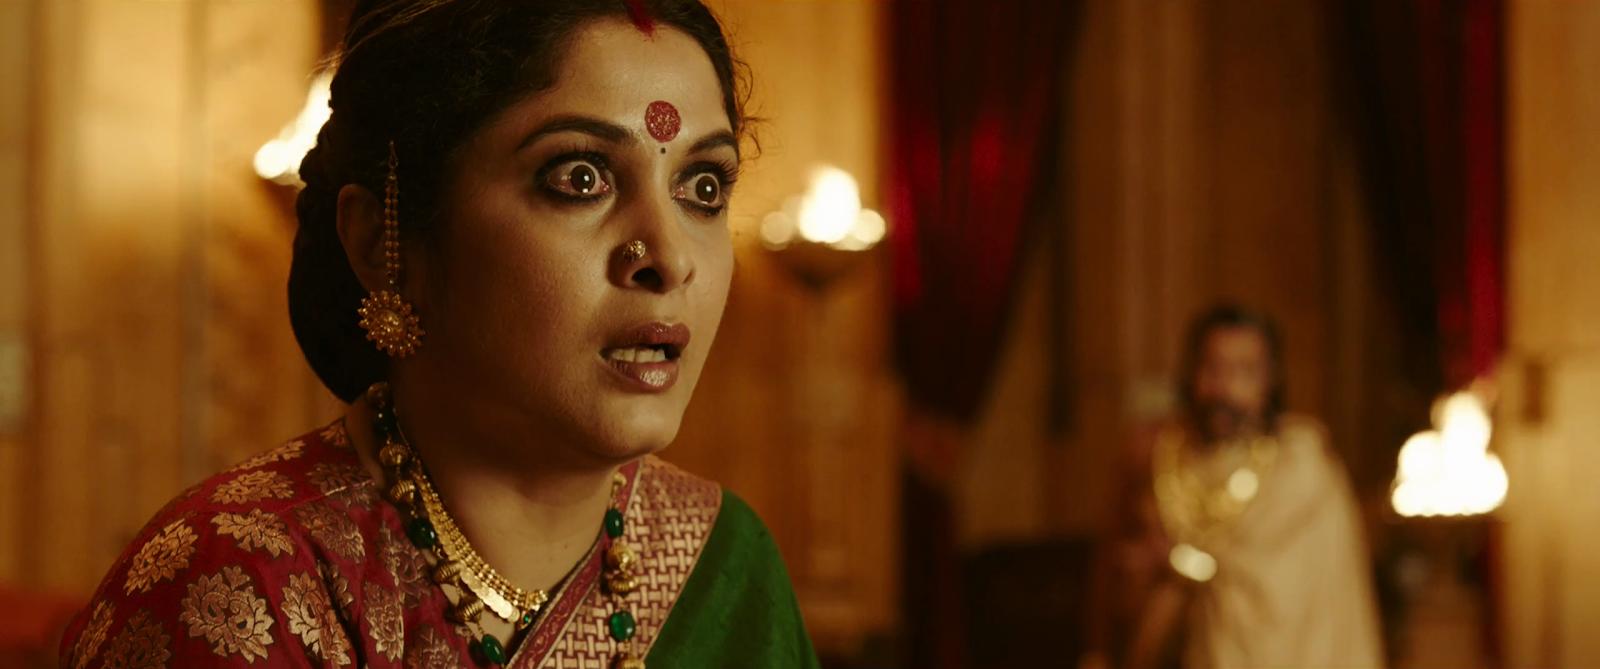 ставить гифка индийское кино бахубали подальше